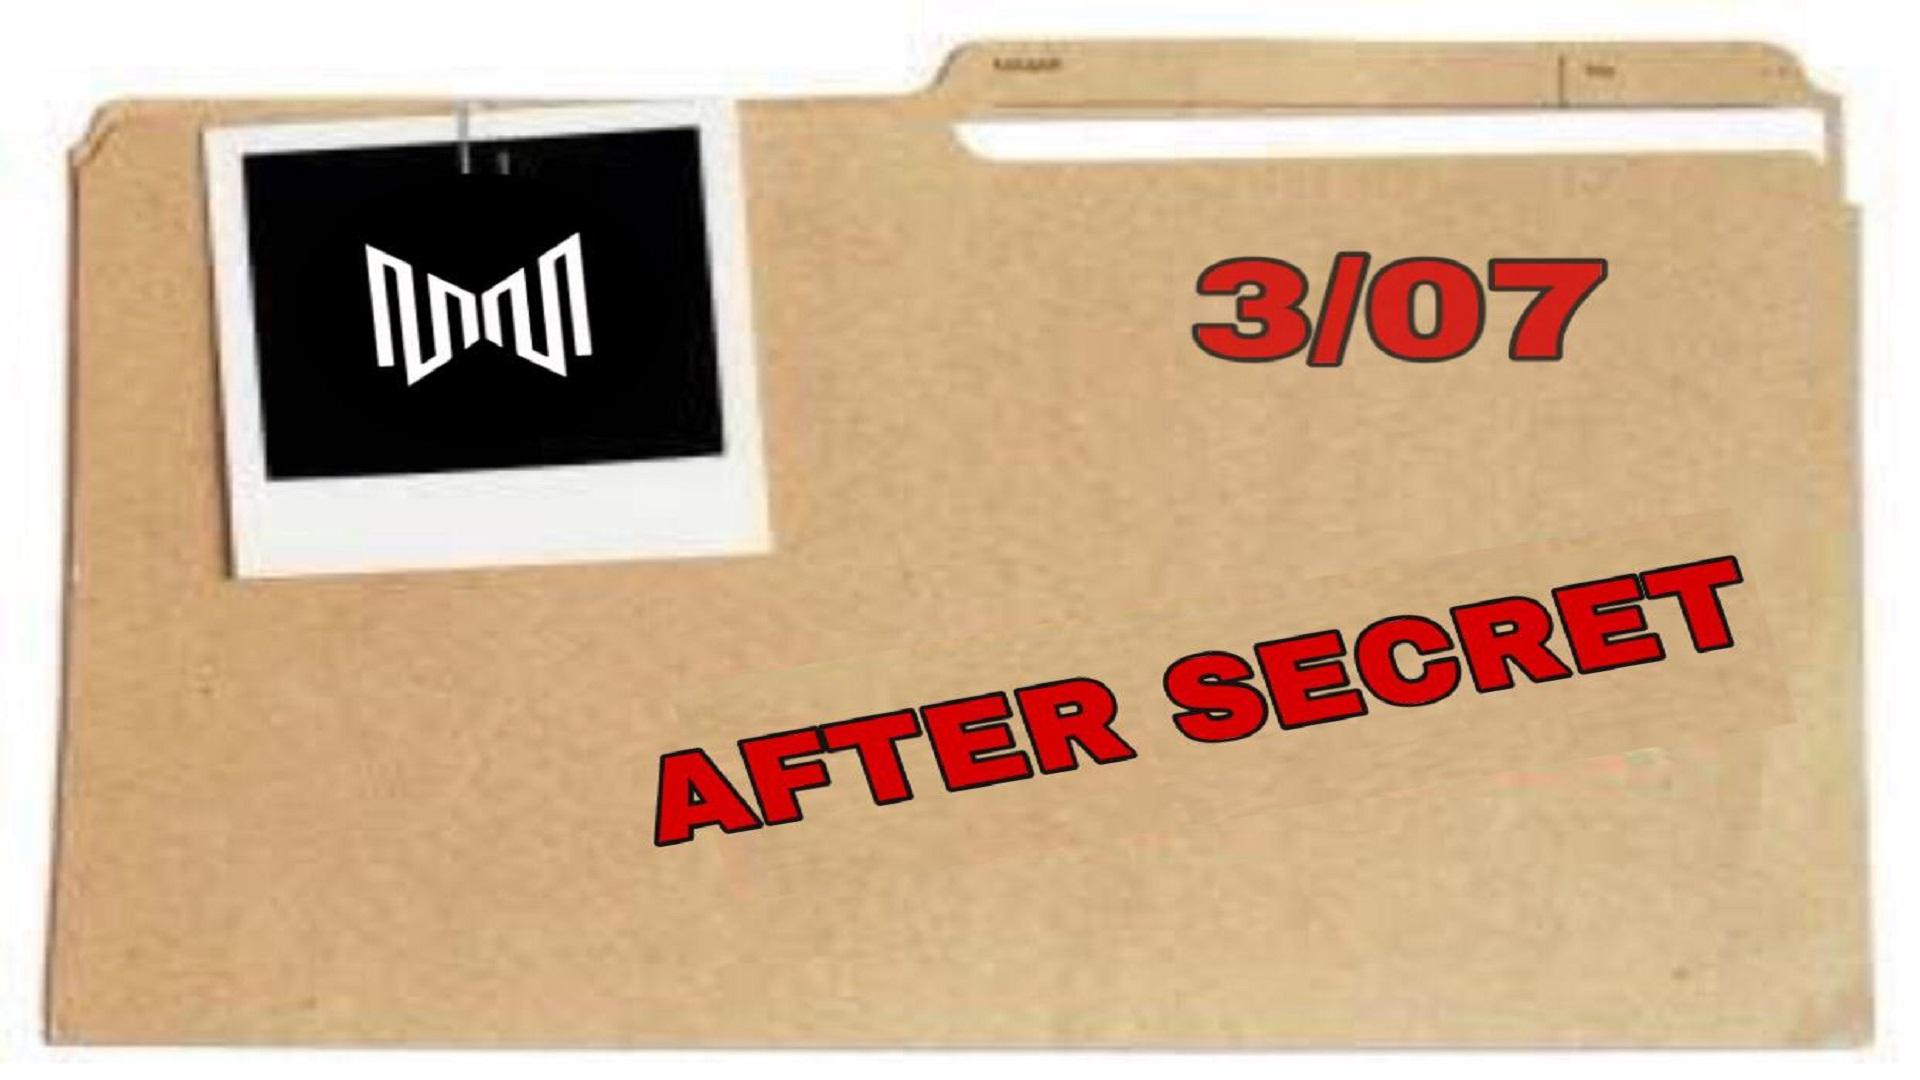 After Secret